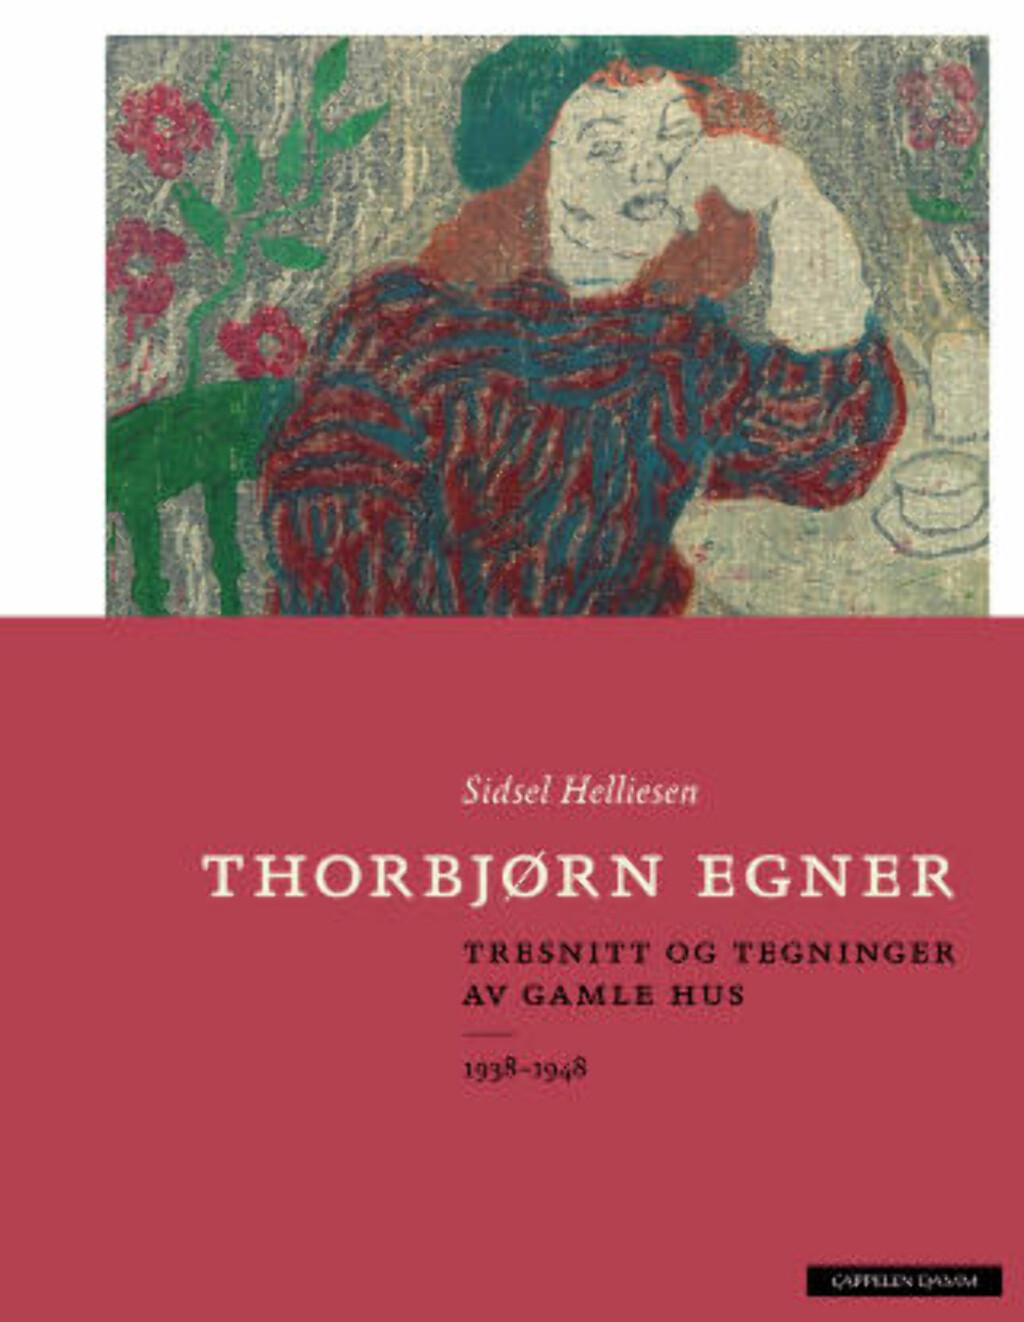 image: Om Thorbjørn Egners erotiske fortid